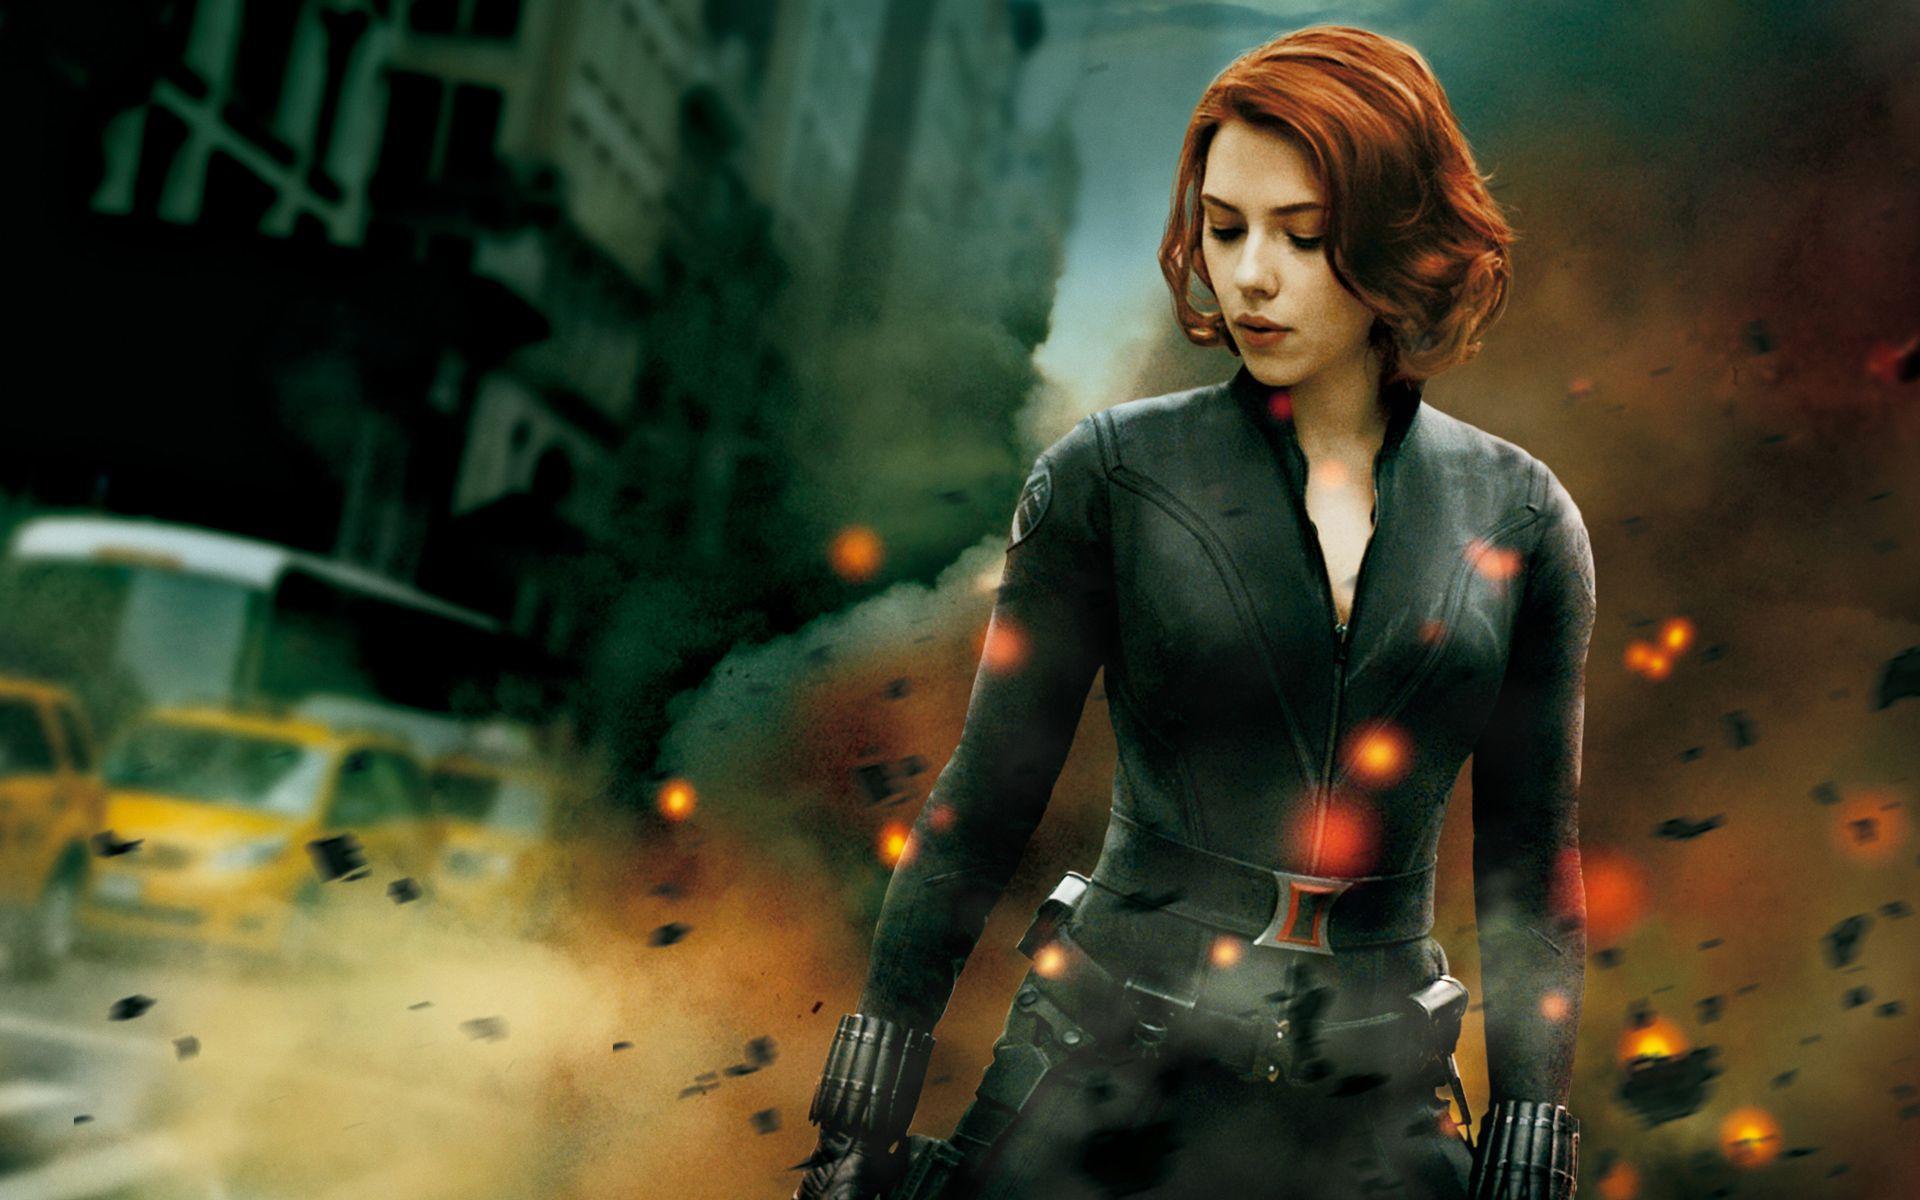 Scarlett Johansson Avengers Wallpapers Top Free Scarlett Johansson Avengers Backgrounds Wallpaperaccess